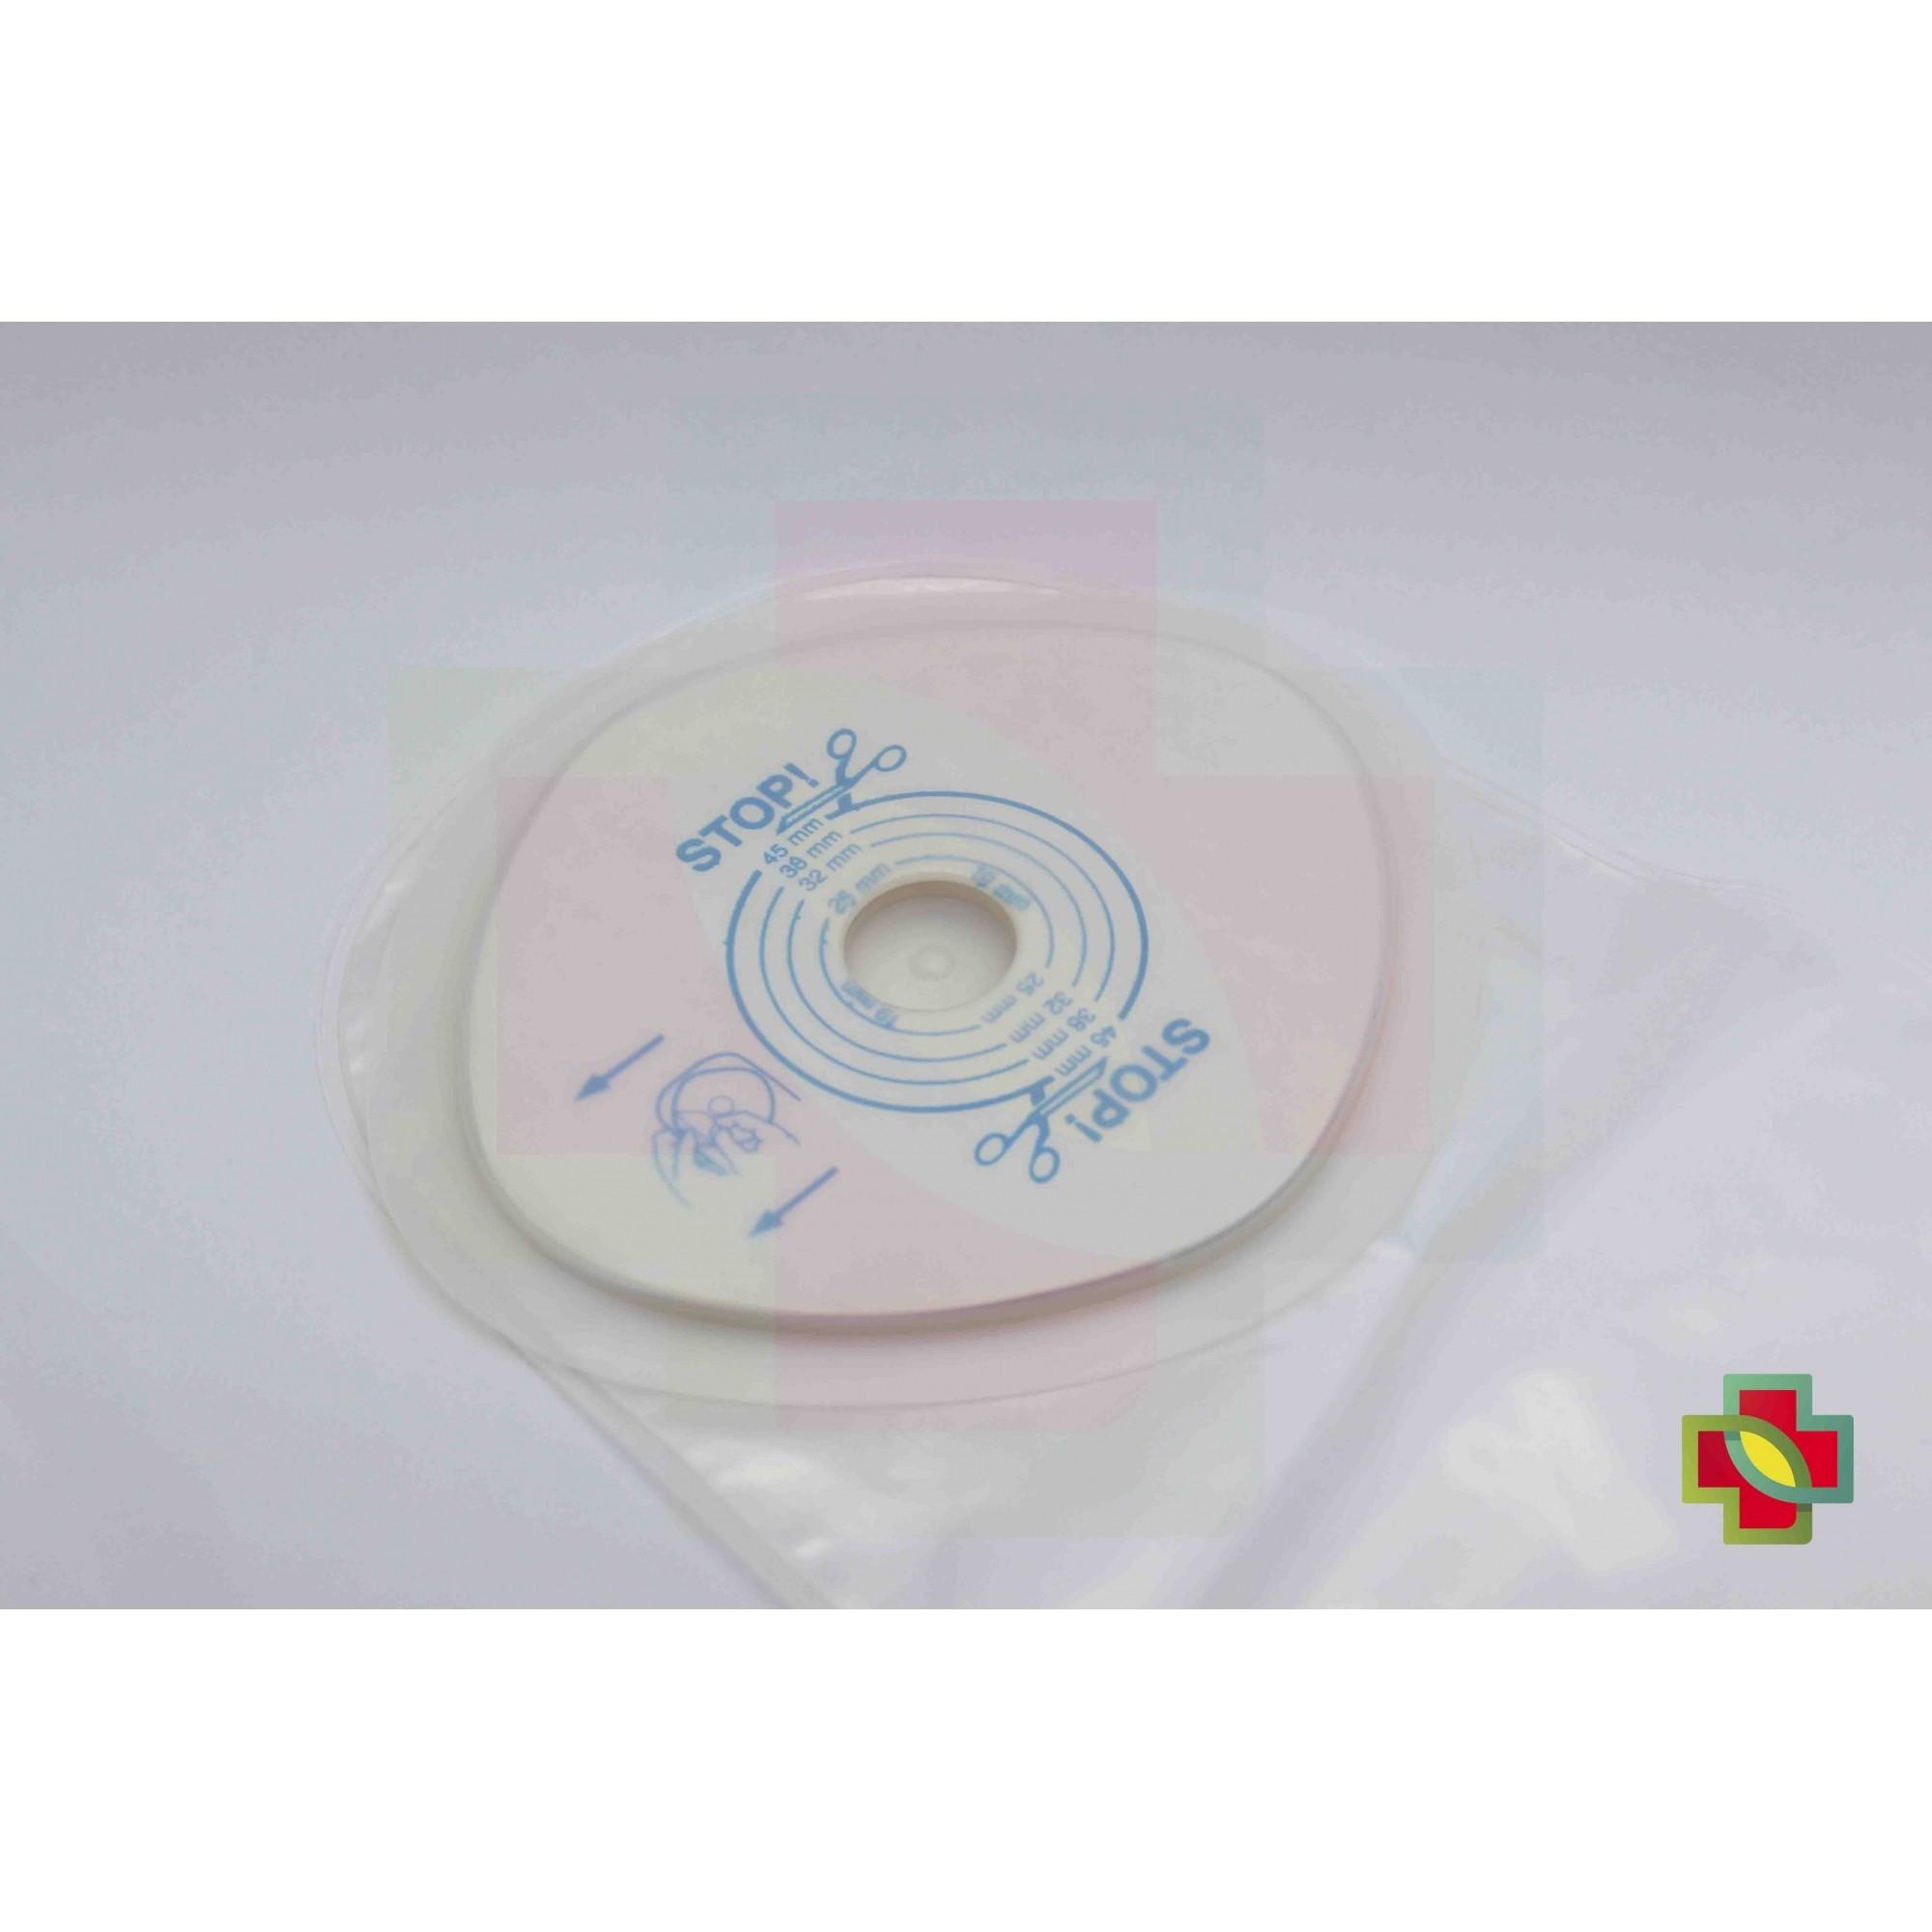 BOLSA DE UROSTOMIA ACTIVE-LIFE ANTI-REFLUXO 19-45 MM (UND.) 64927 - CONVATEC